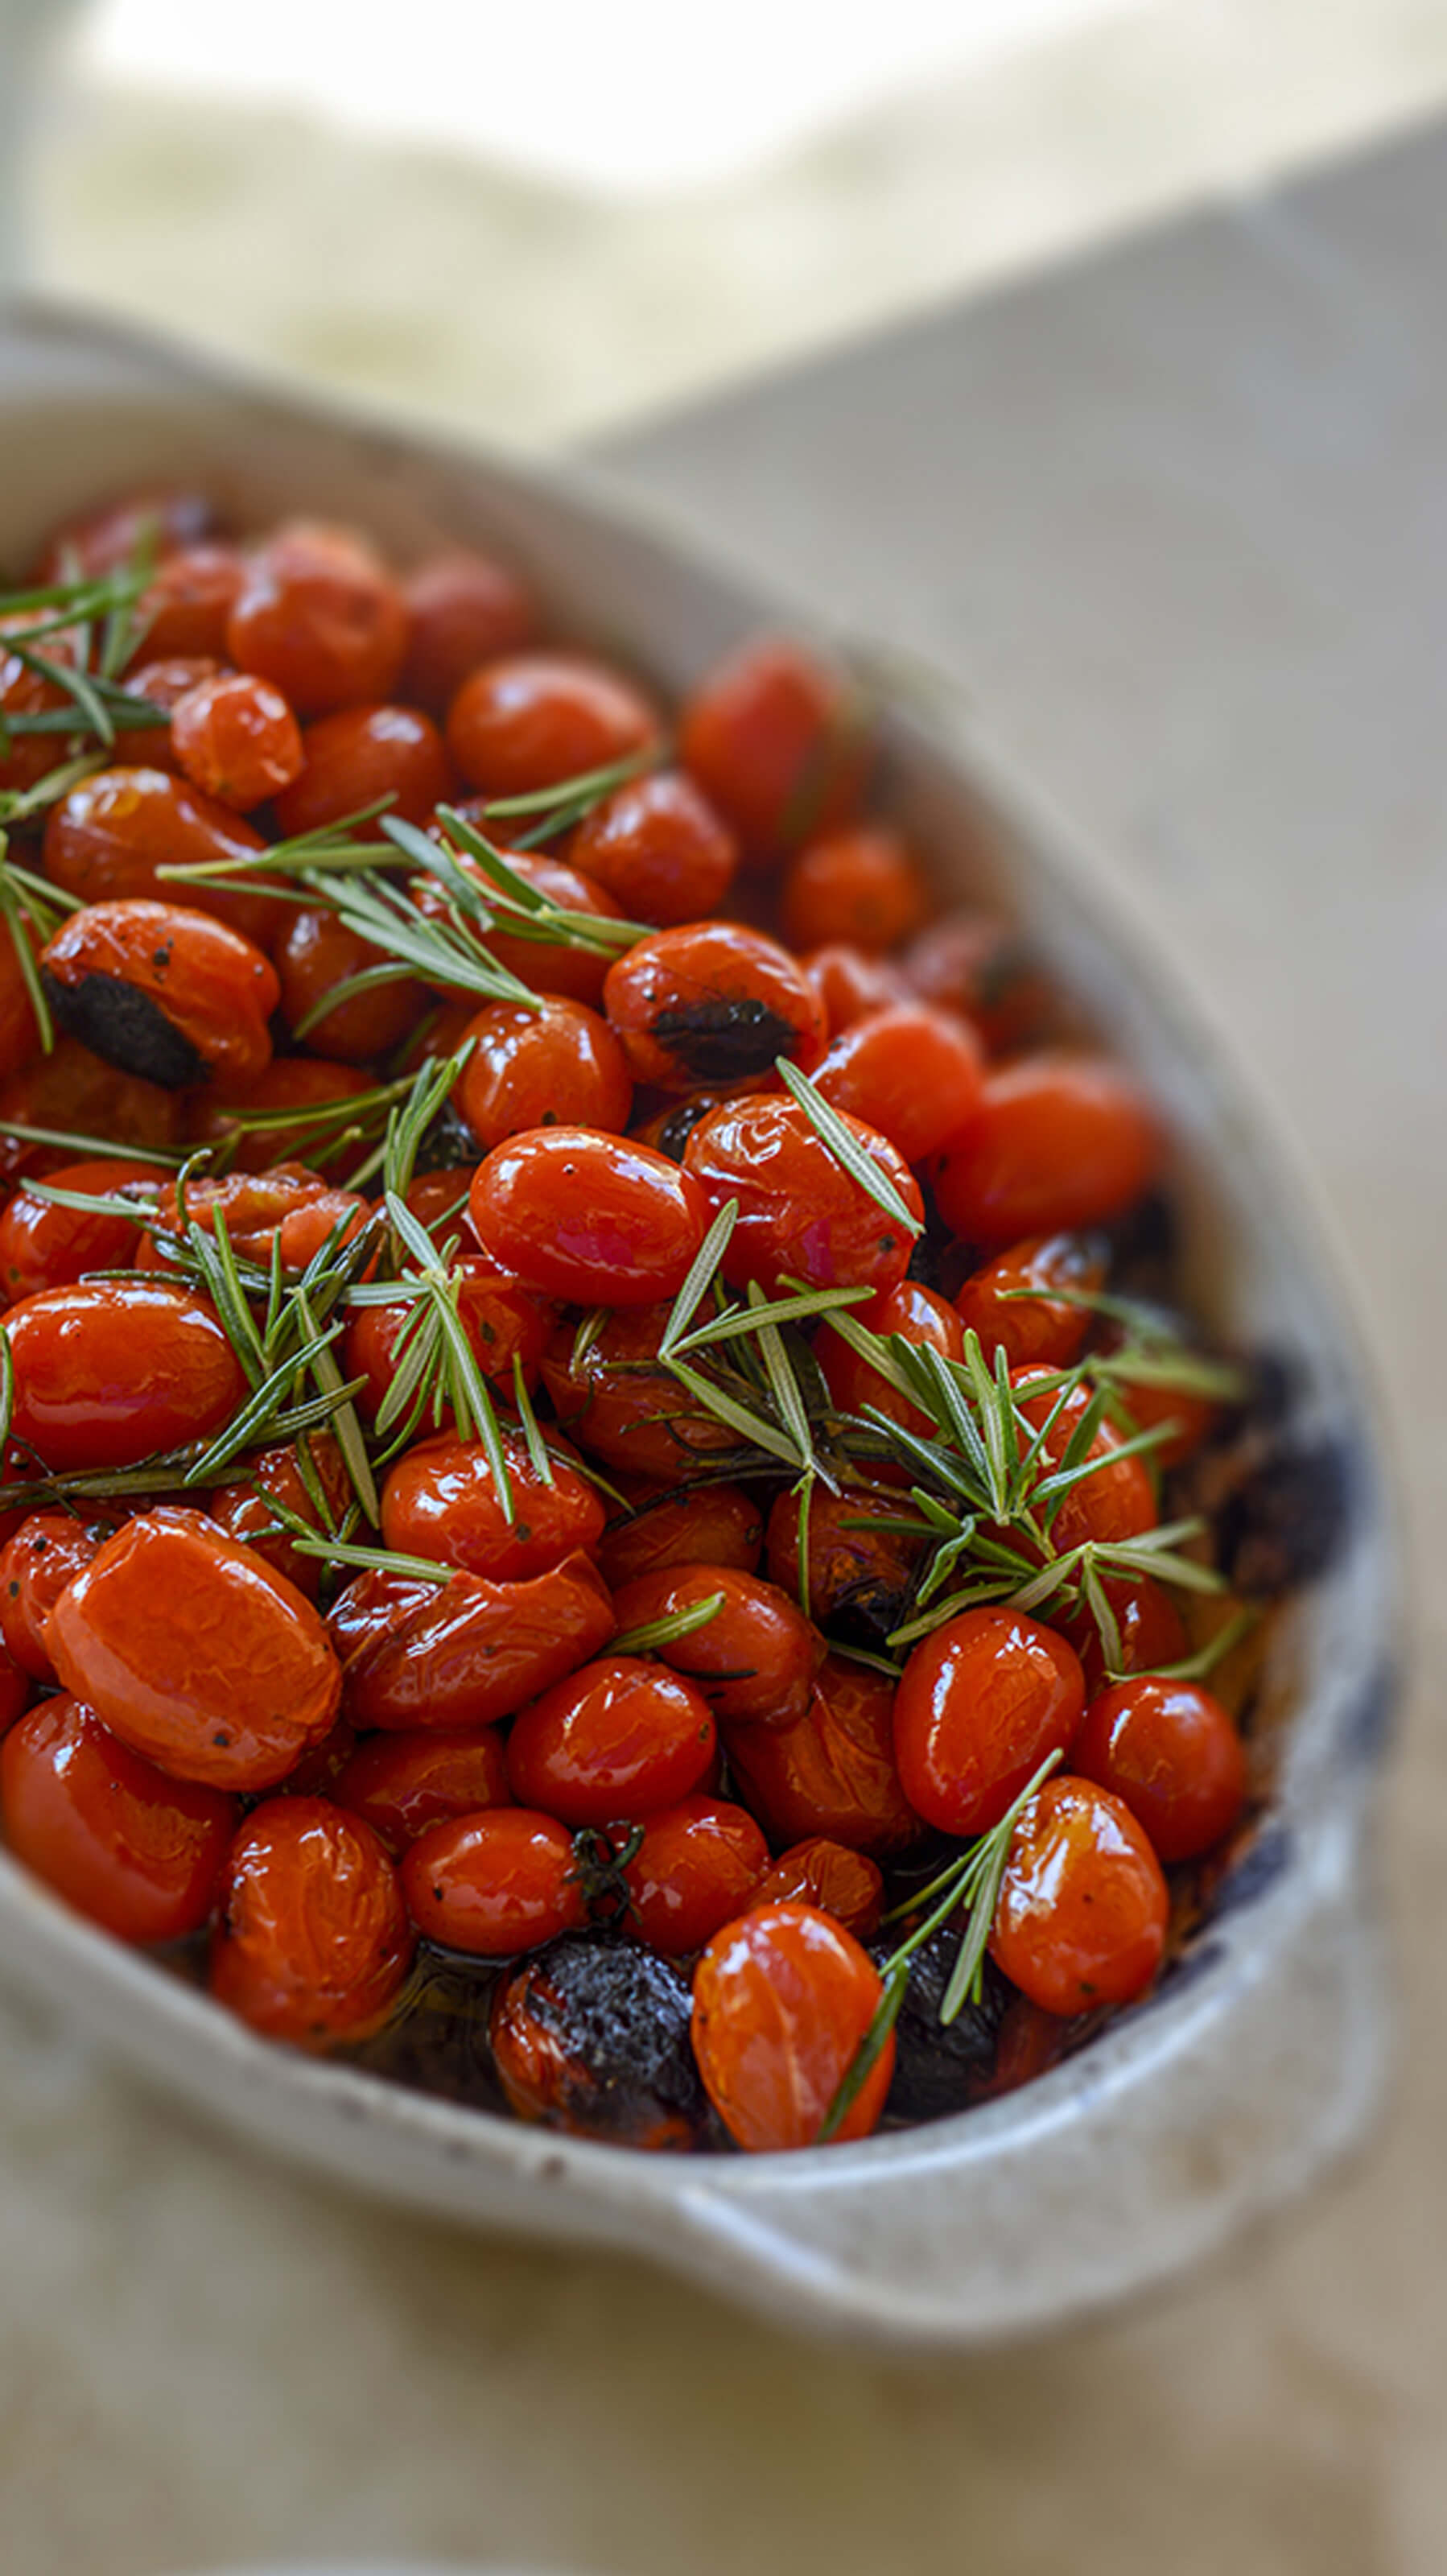 tomatoes_roast_jul9_0545.jpg